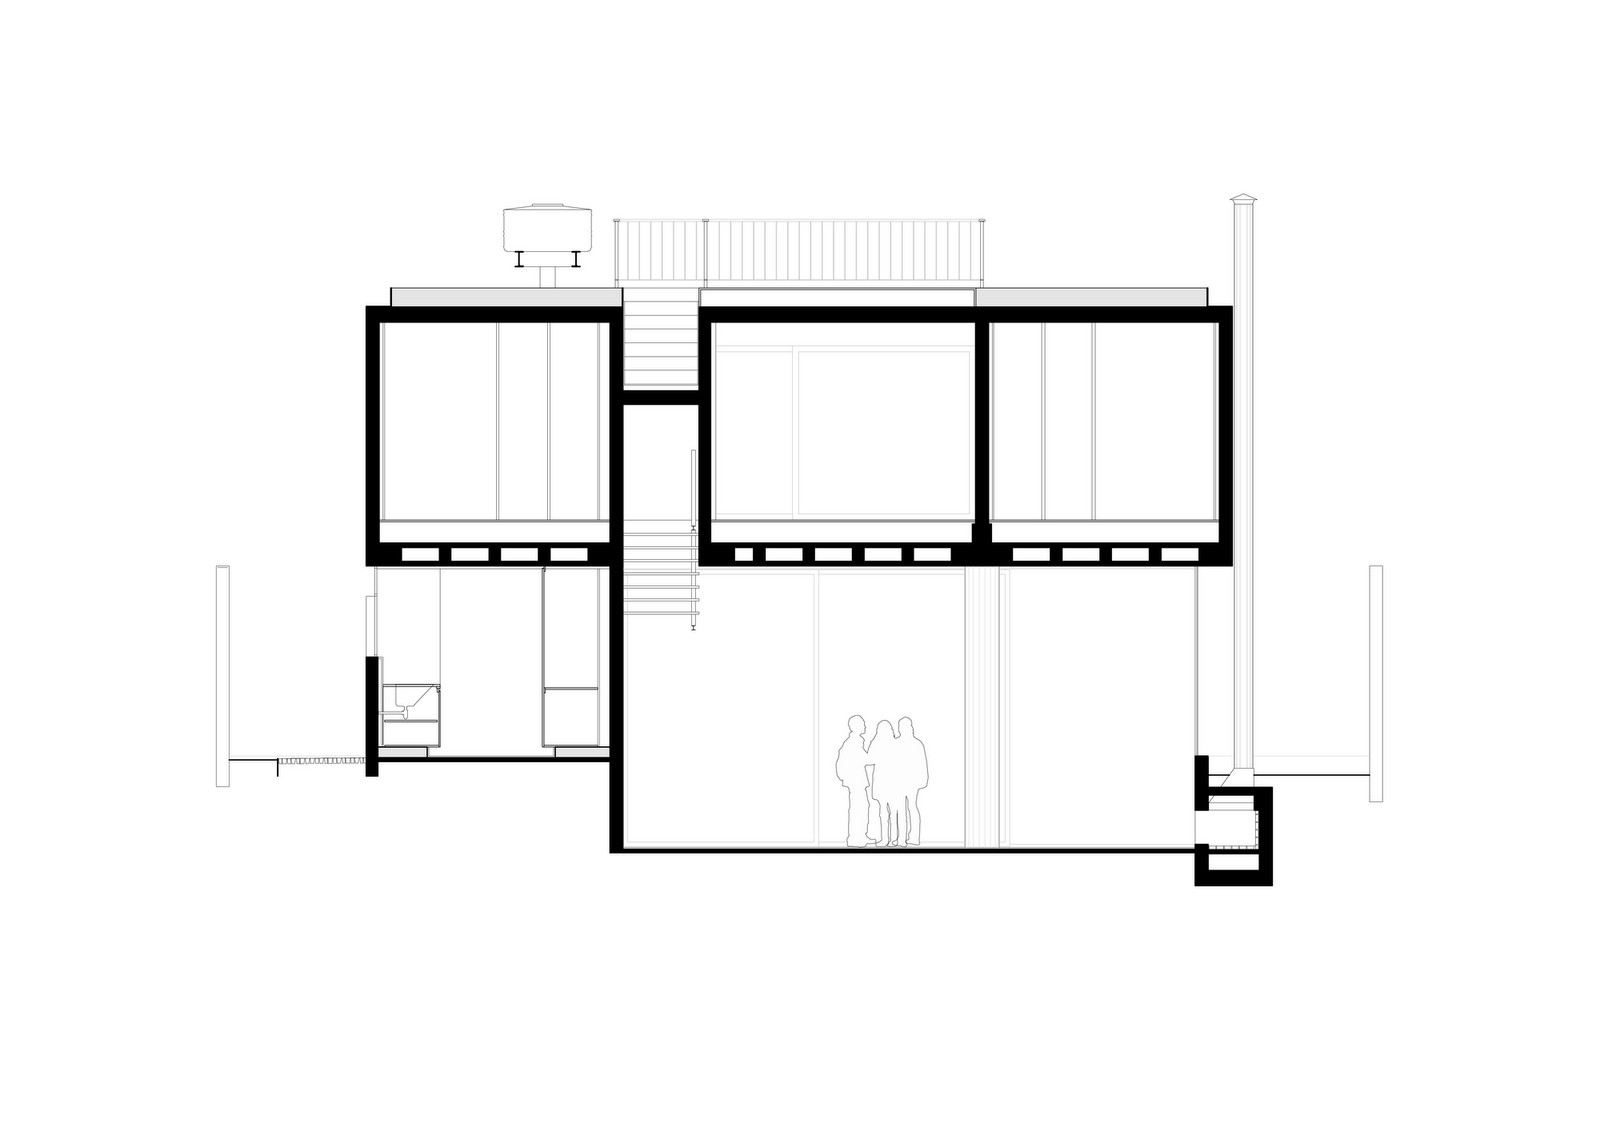 Imagens de #666666 comoVER arquitetura urbanismo o blog: Dezembro 2012 1600x1131 px 3472 Bloco Autocad Banheiro Corte